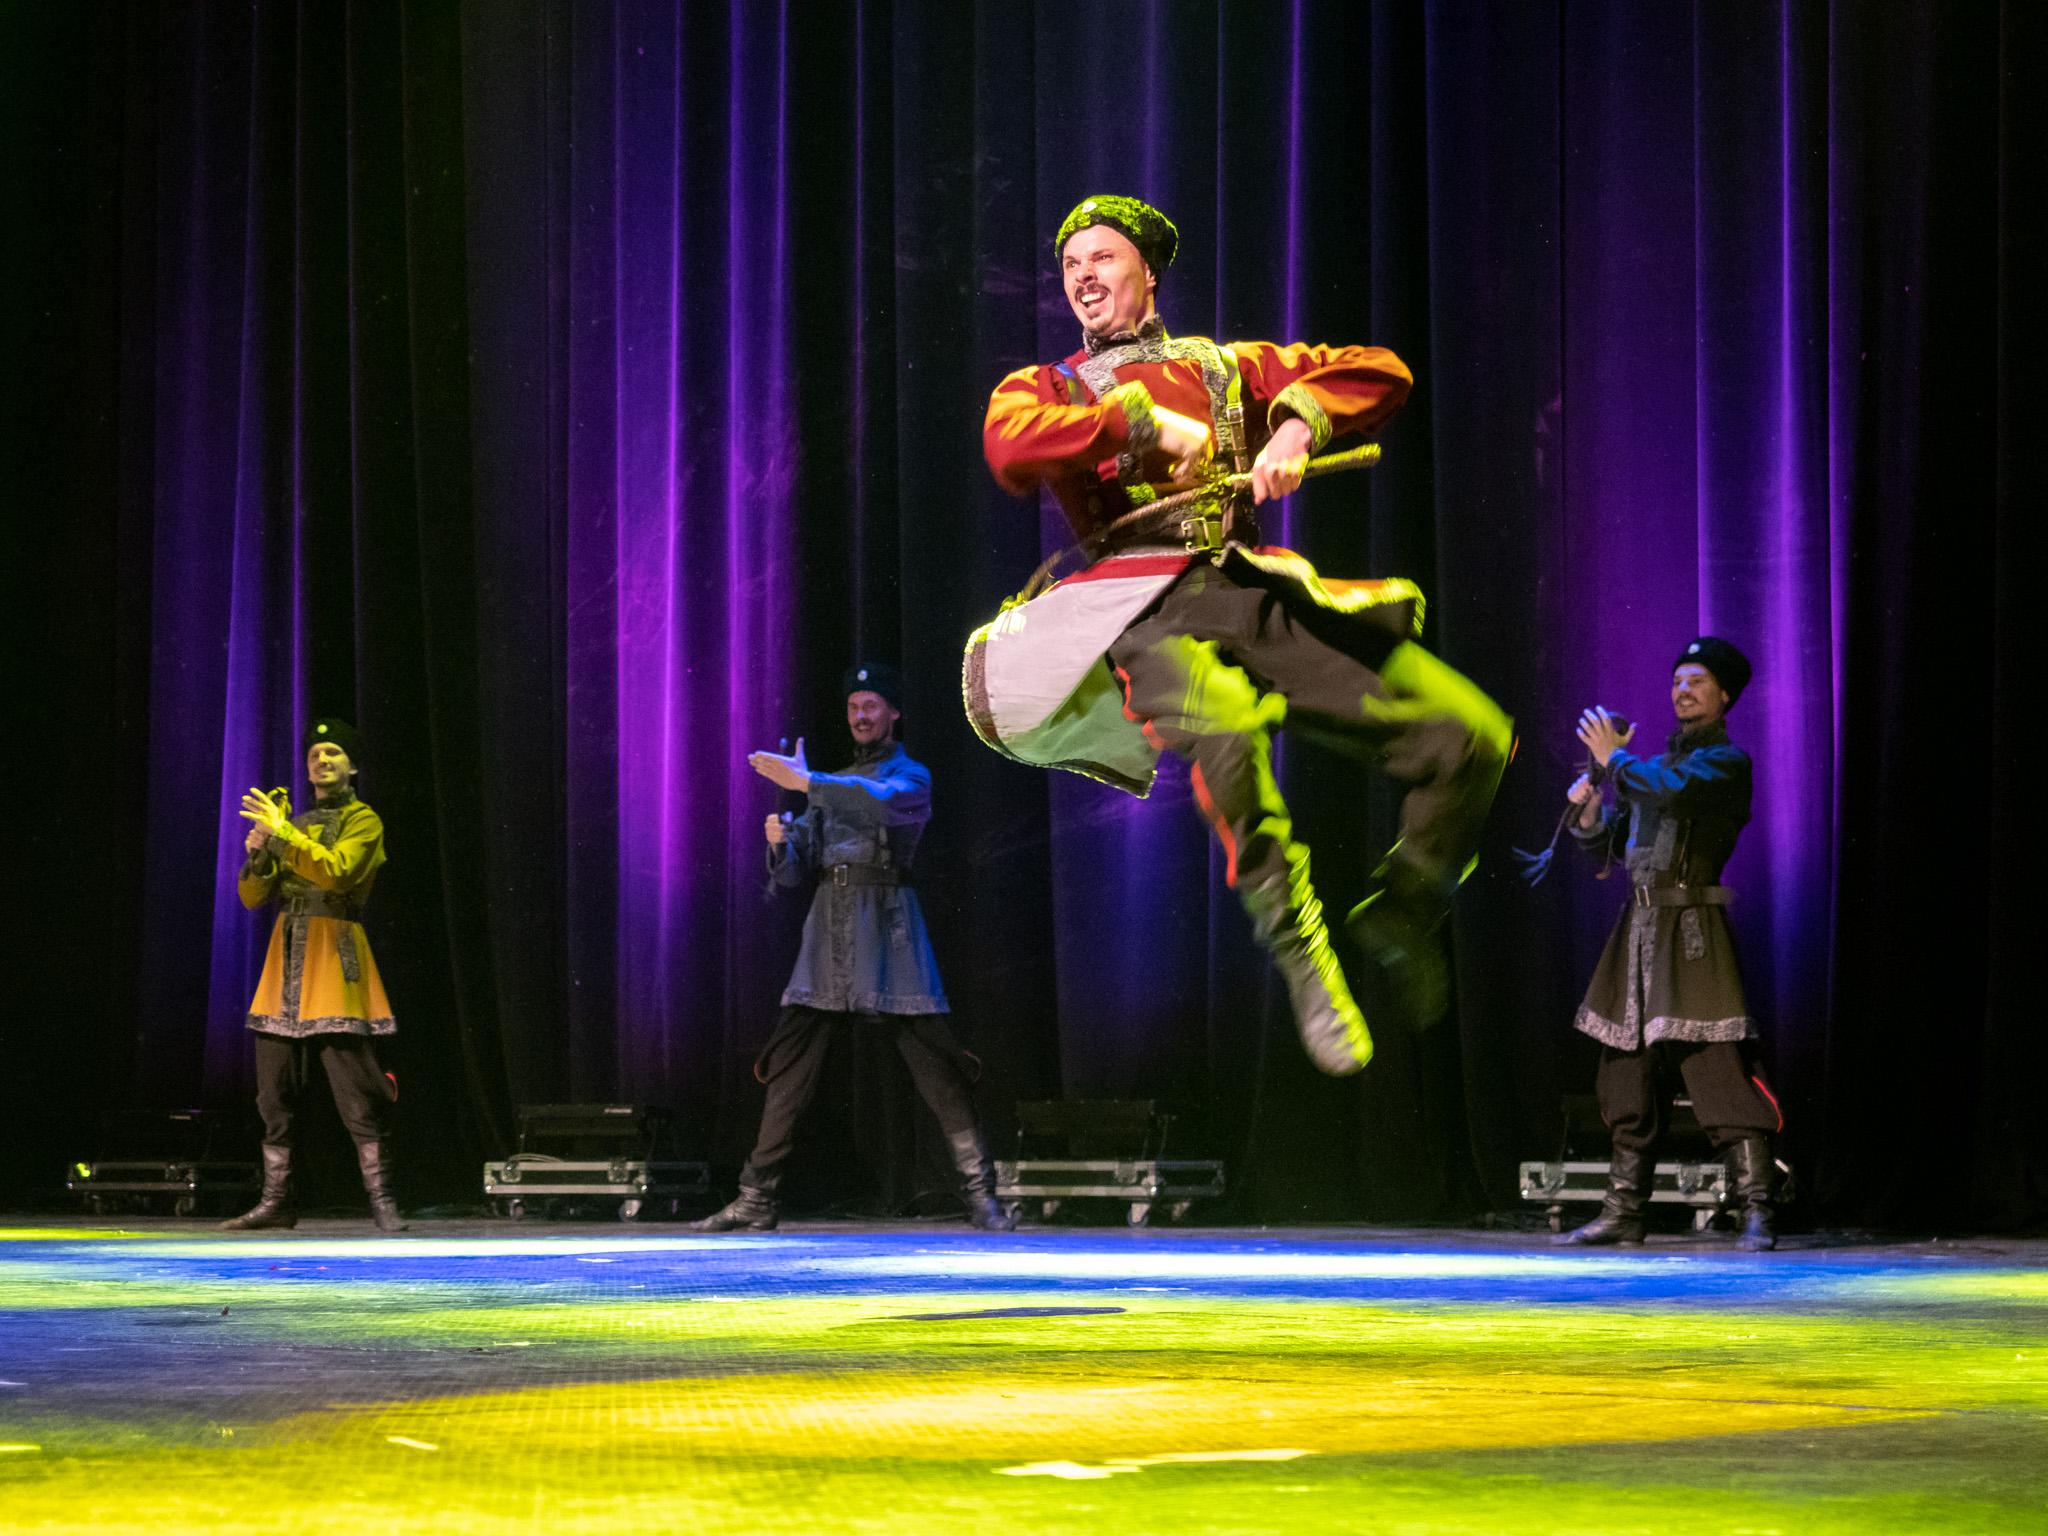 Изпълняват се най-популярните казашки руски и украински песни и танци.